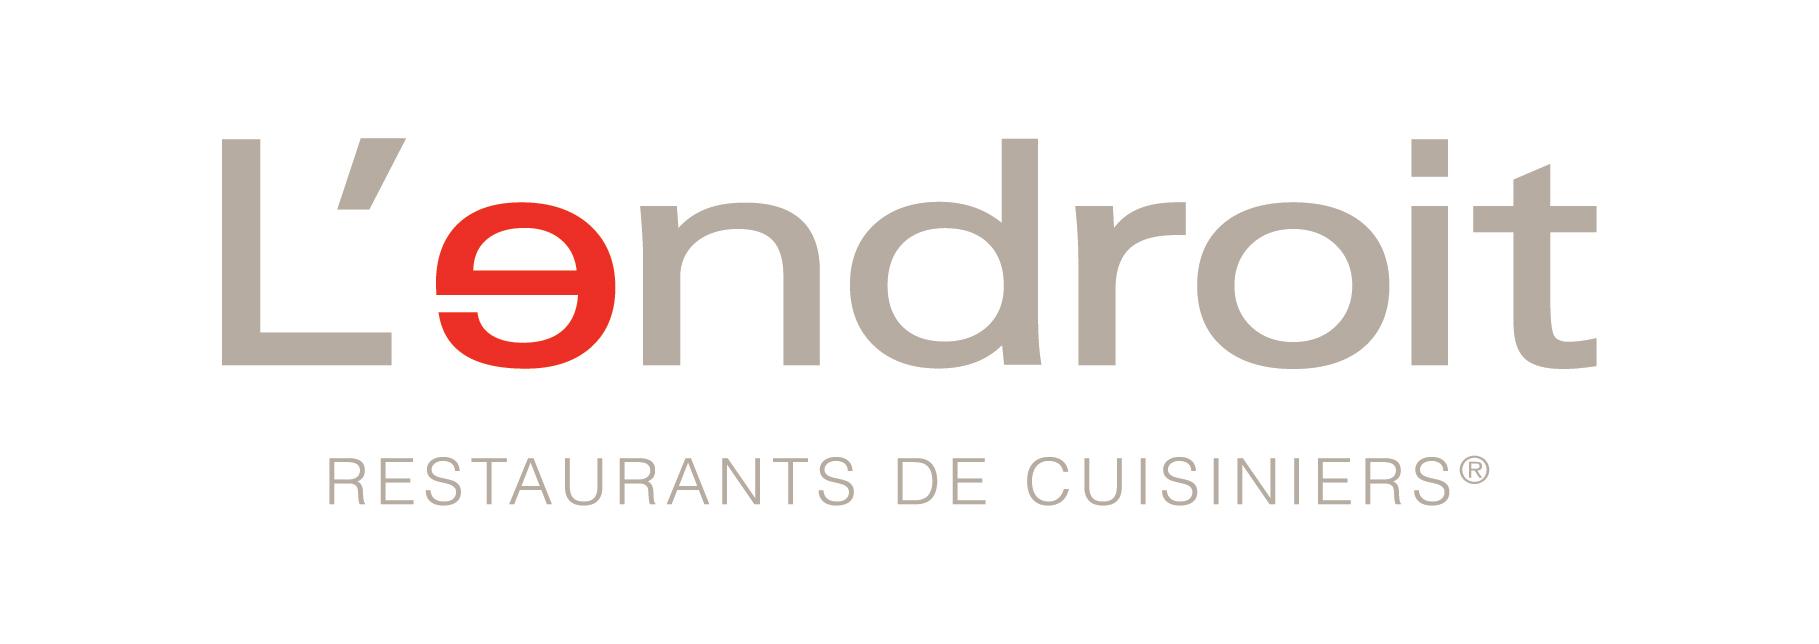 LENDROIT_Logo (2) - Copie